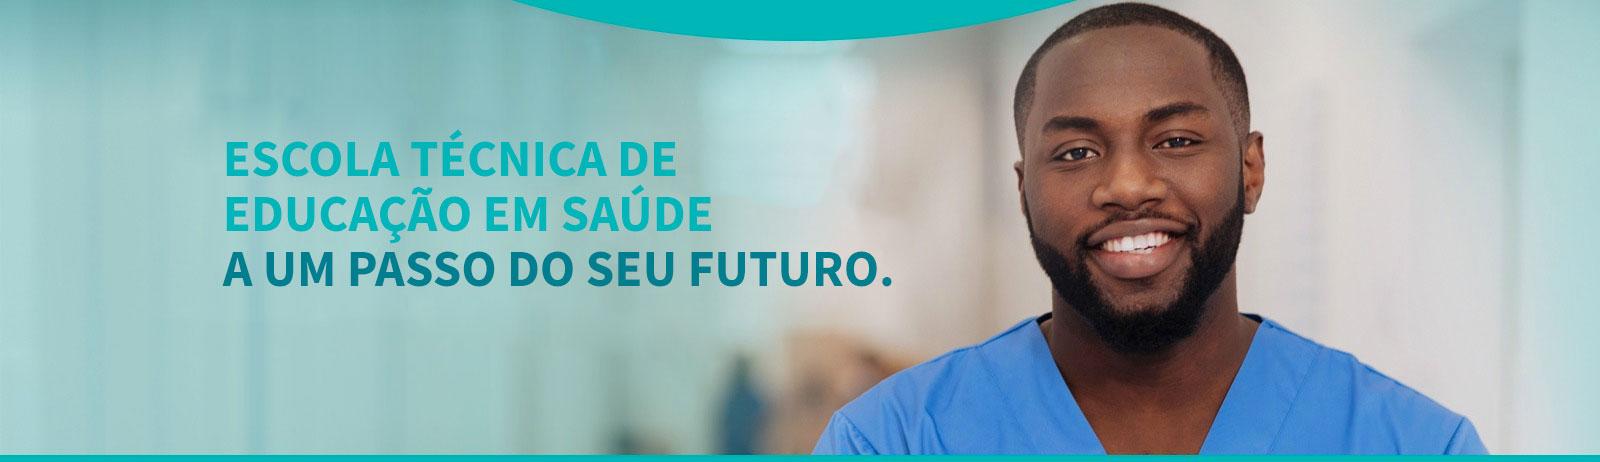 Escola Técnica de Educação em Saúde, a um passo do seu futuro